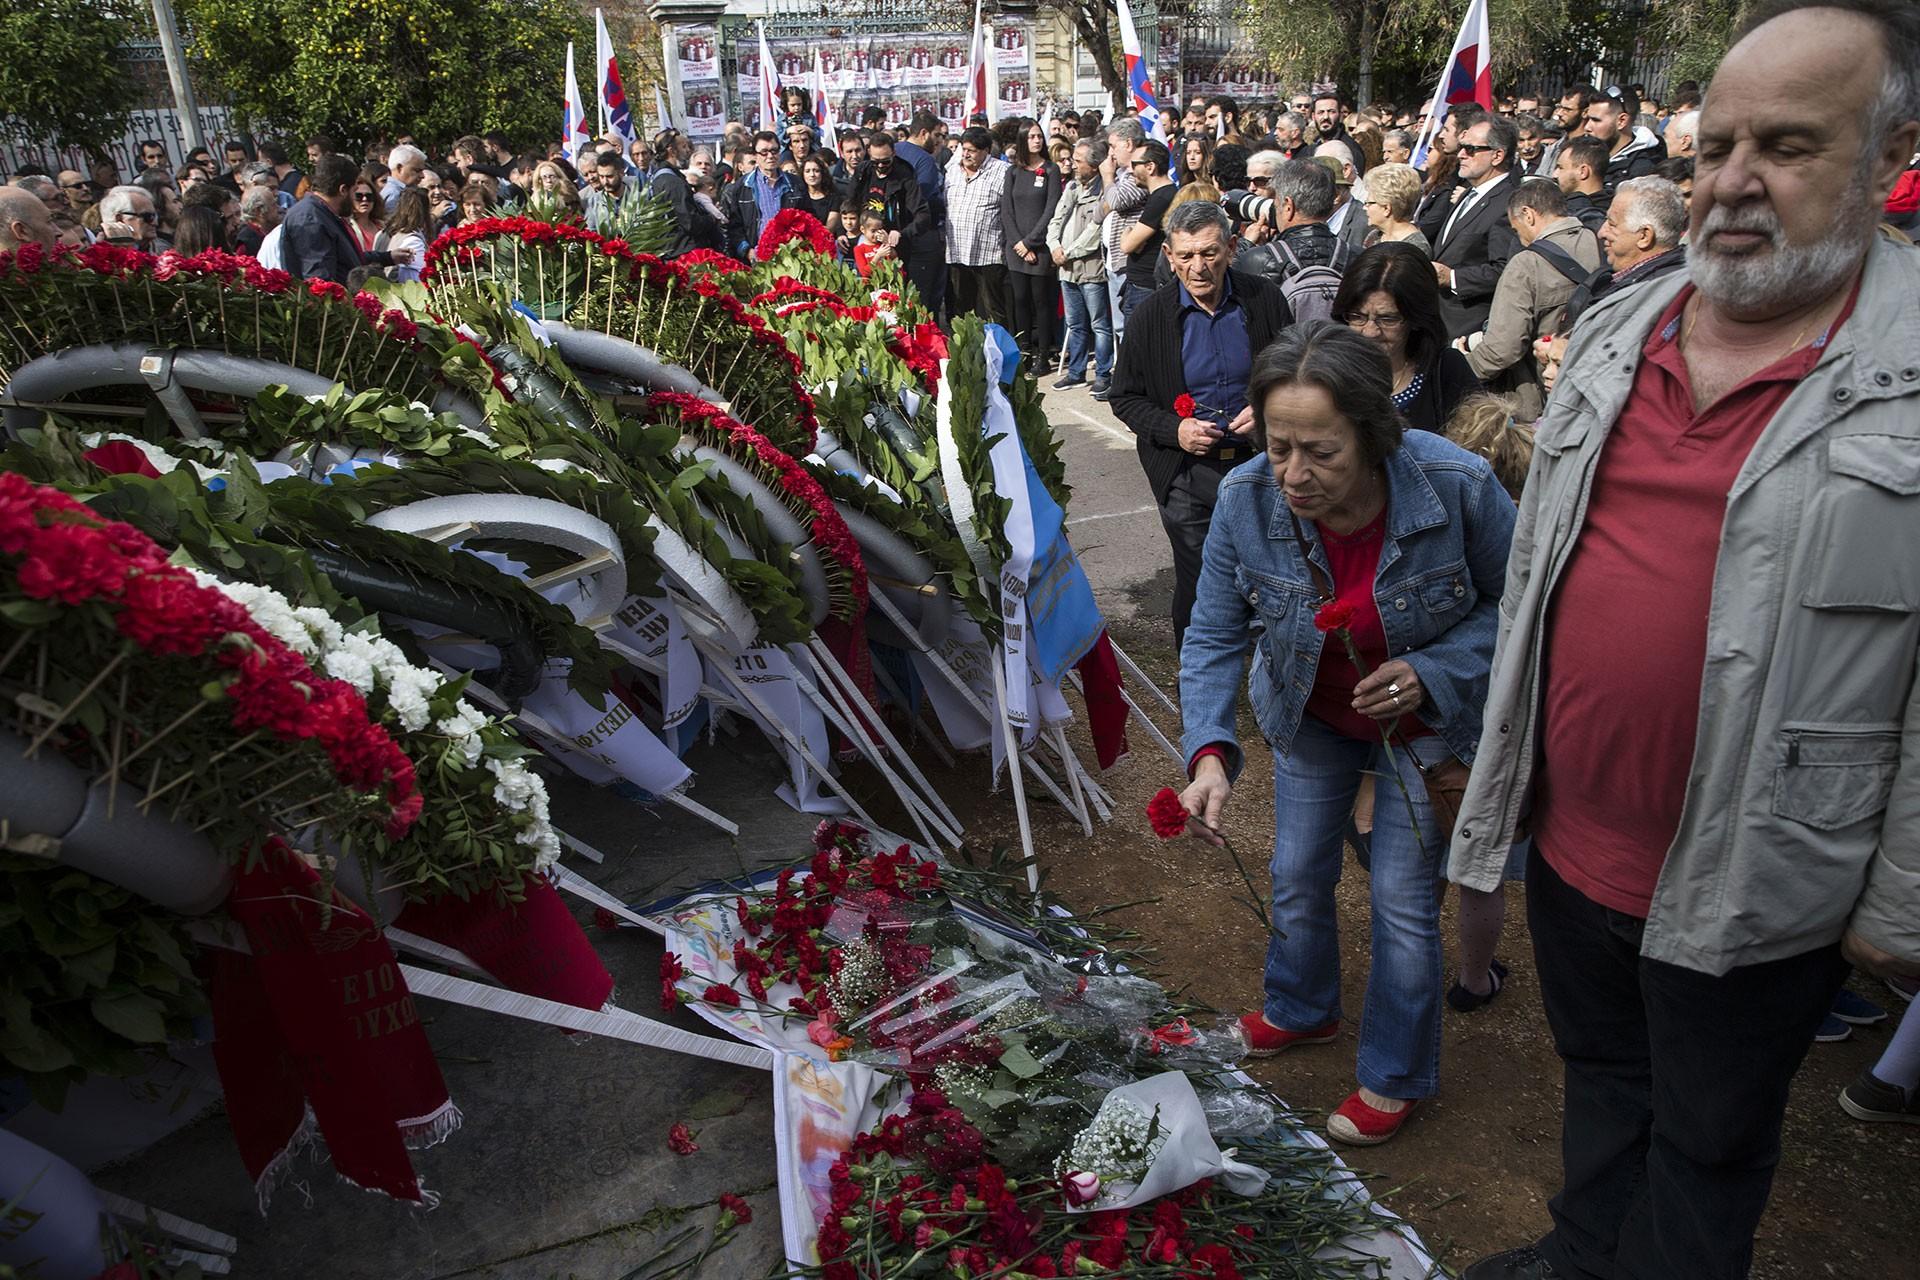 Vatandaşlar Atina Teknik Üniversitesi'nin (Politehnio) avlusundaki anıta çelenk bırakıyor.